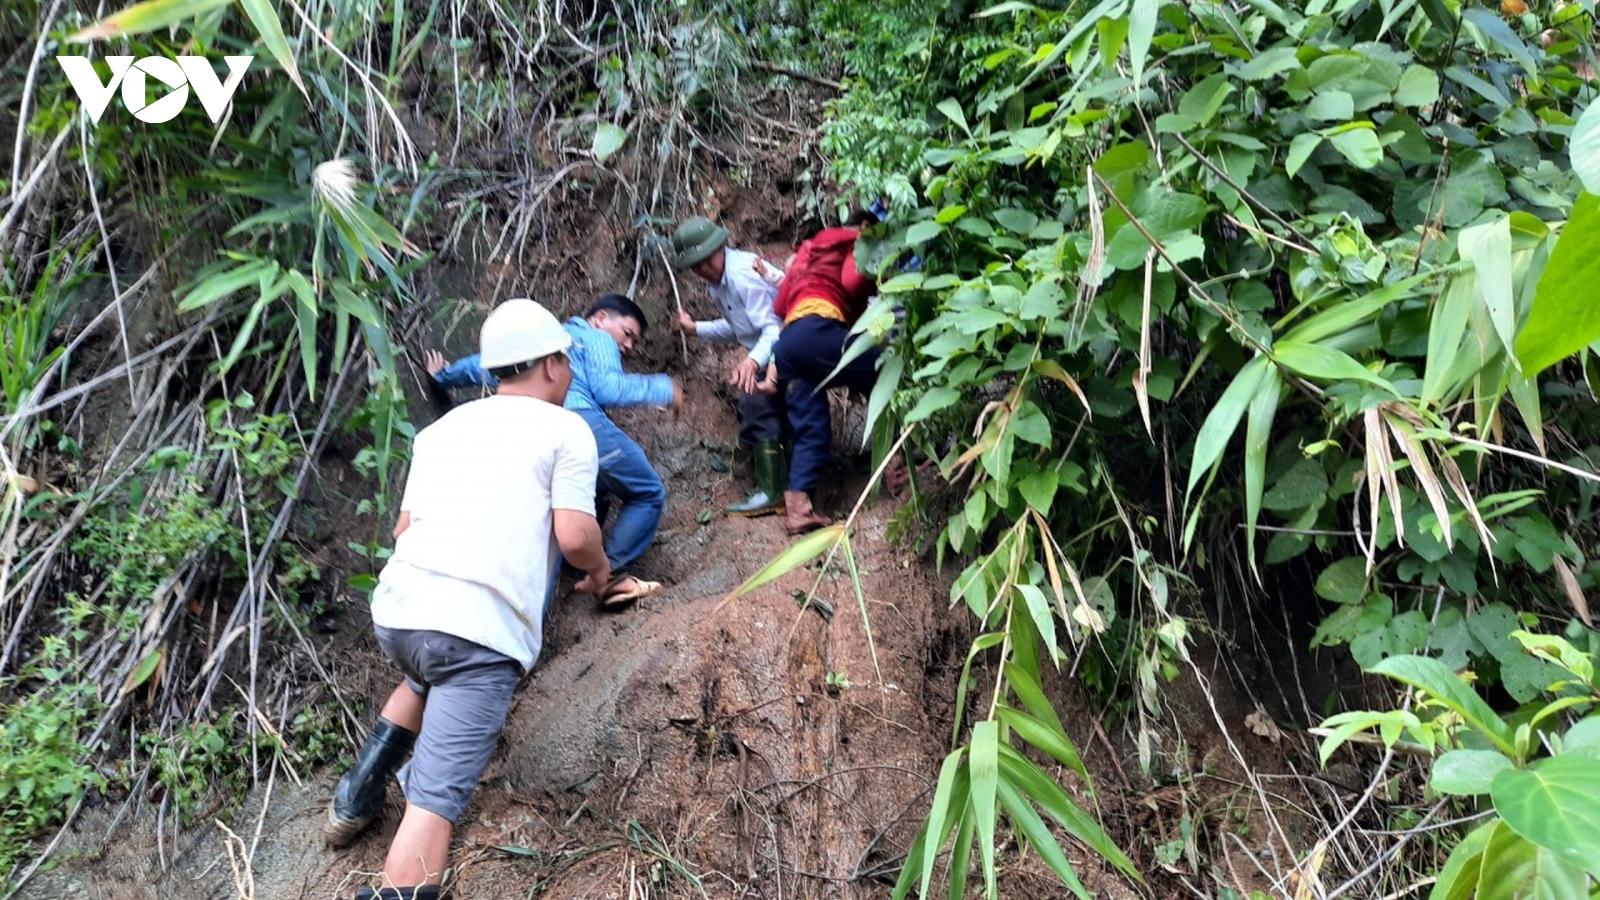 Khẩn trương tiếp cận hiện trường vụ lở núi vùi lấp 11 người ở Phước Sơn